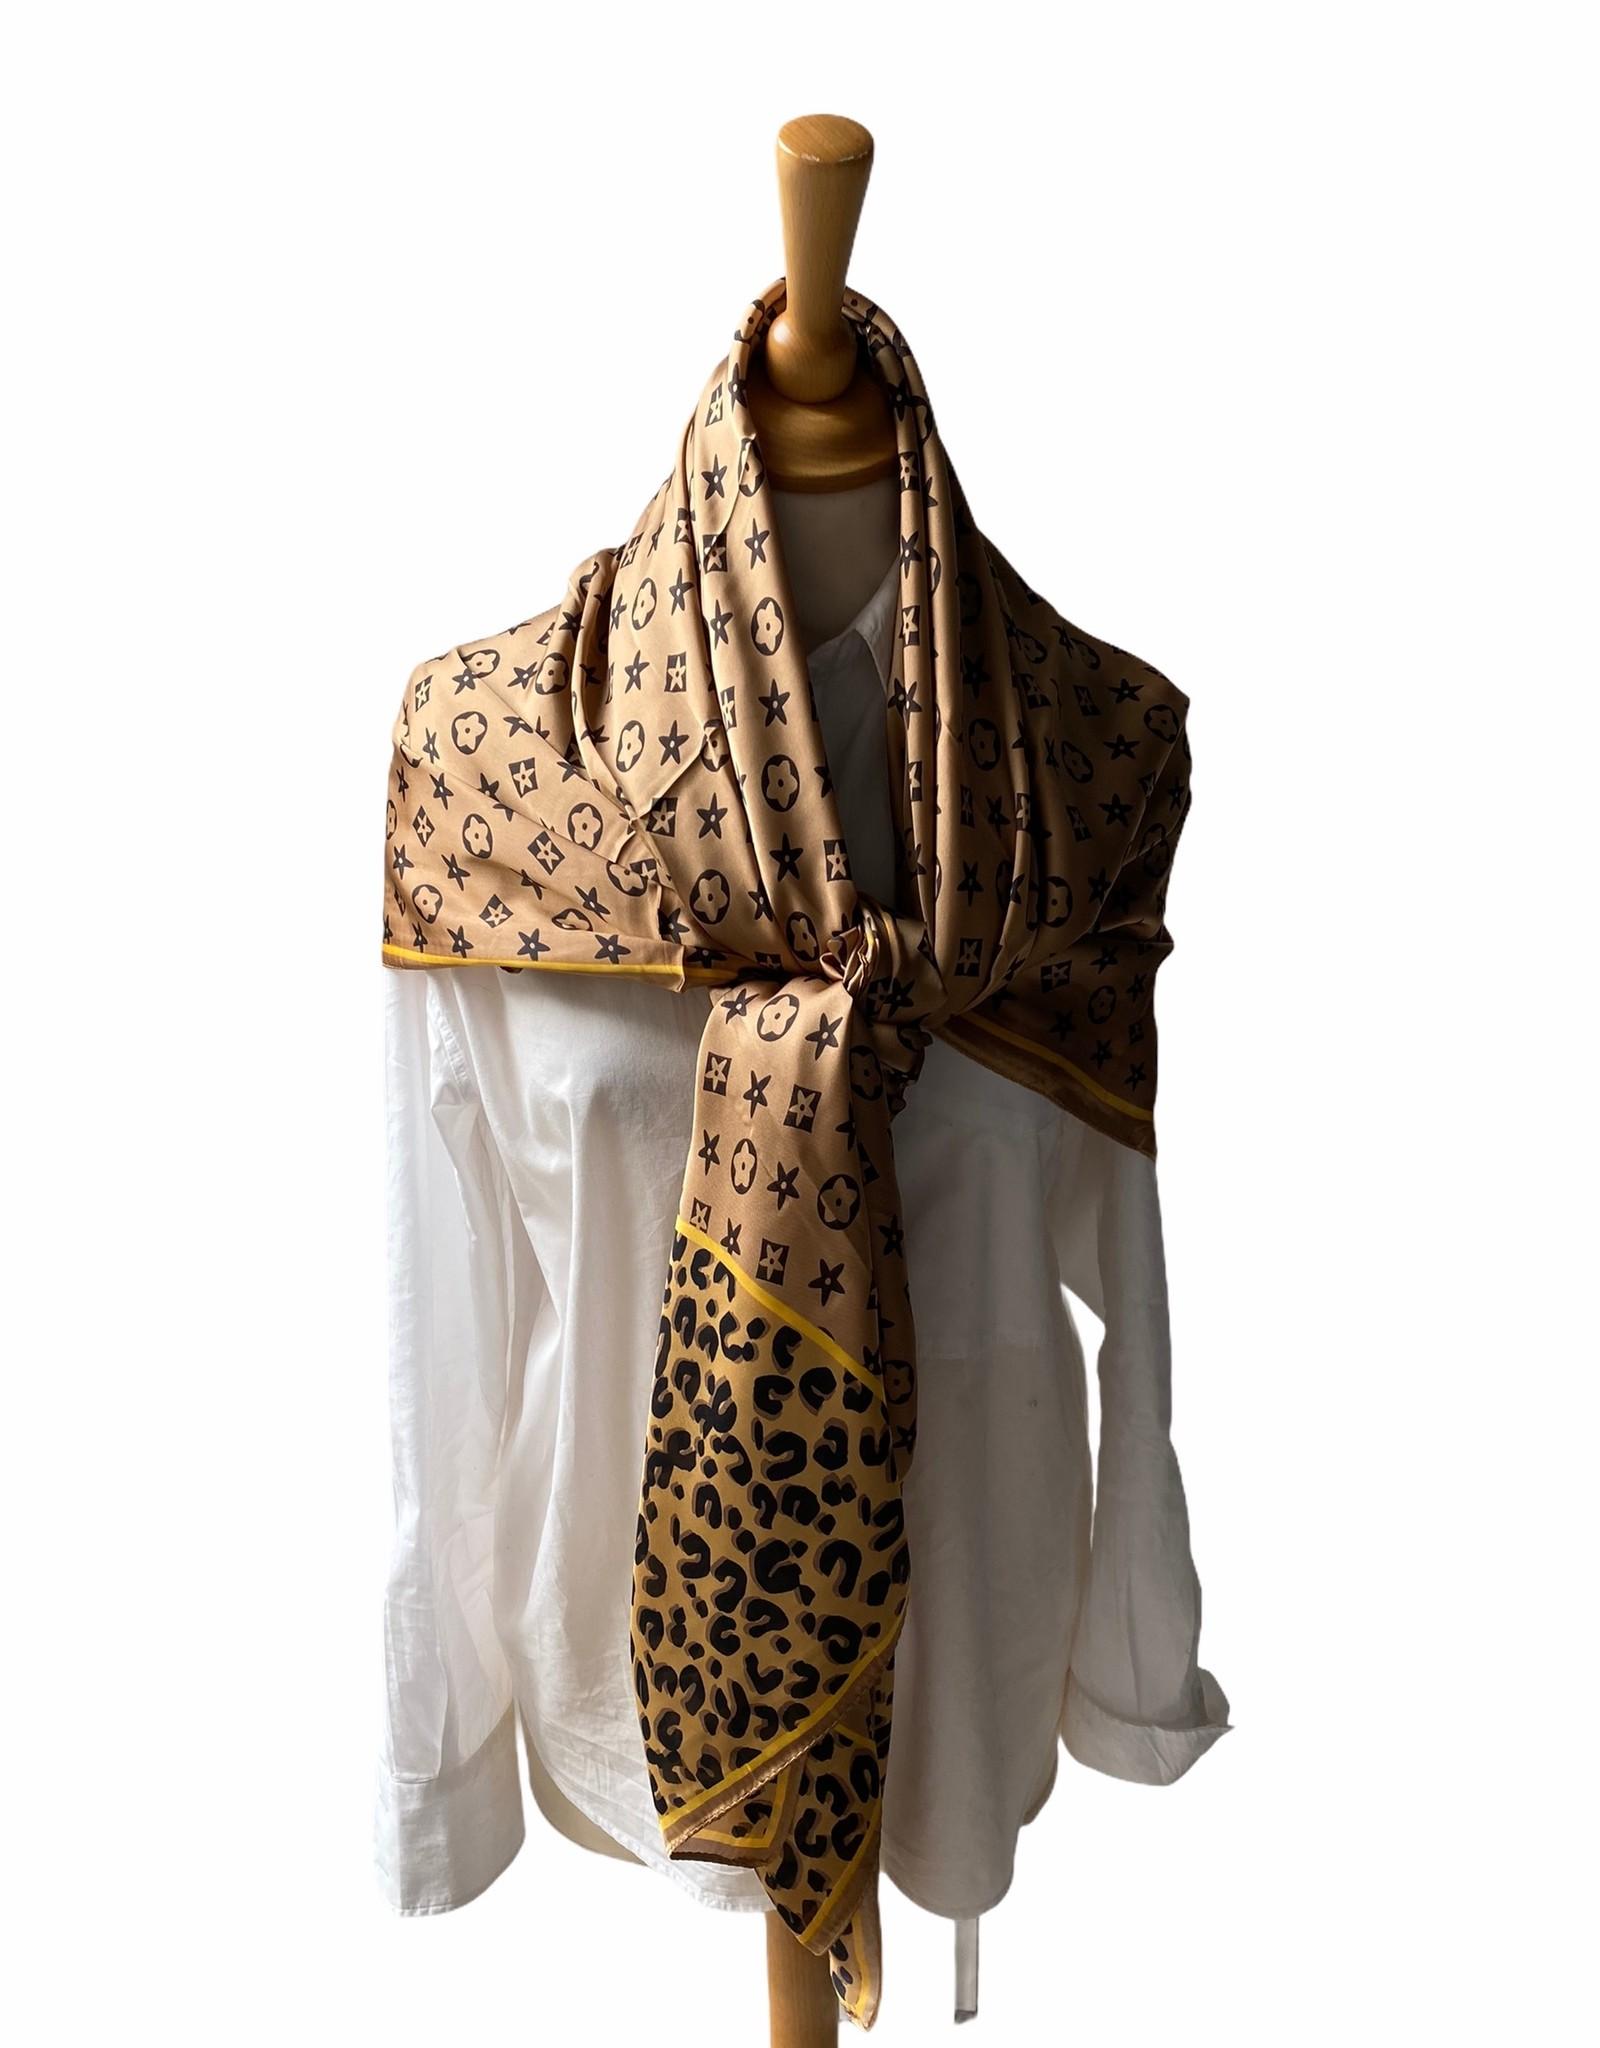 Vierkante sjaal met logo in camelkleuren.